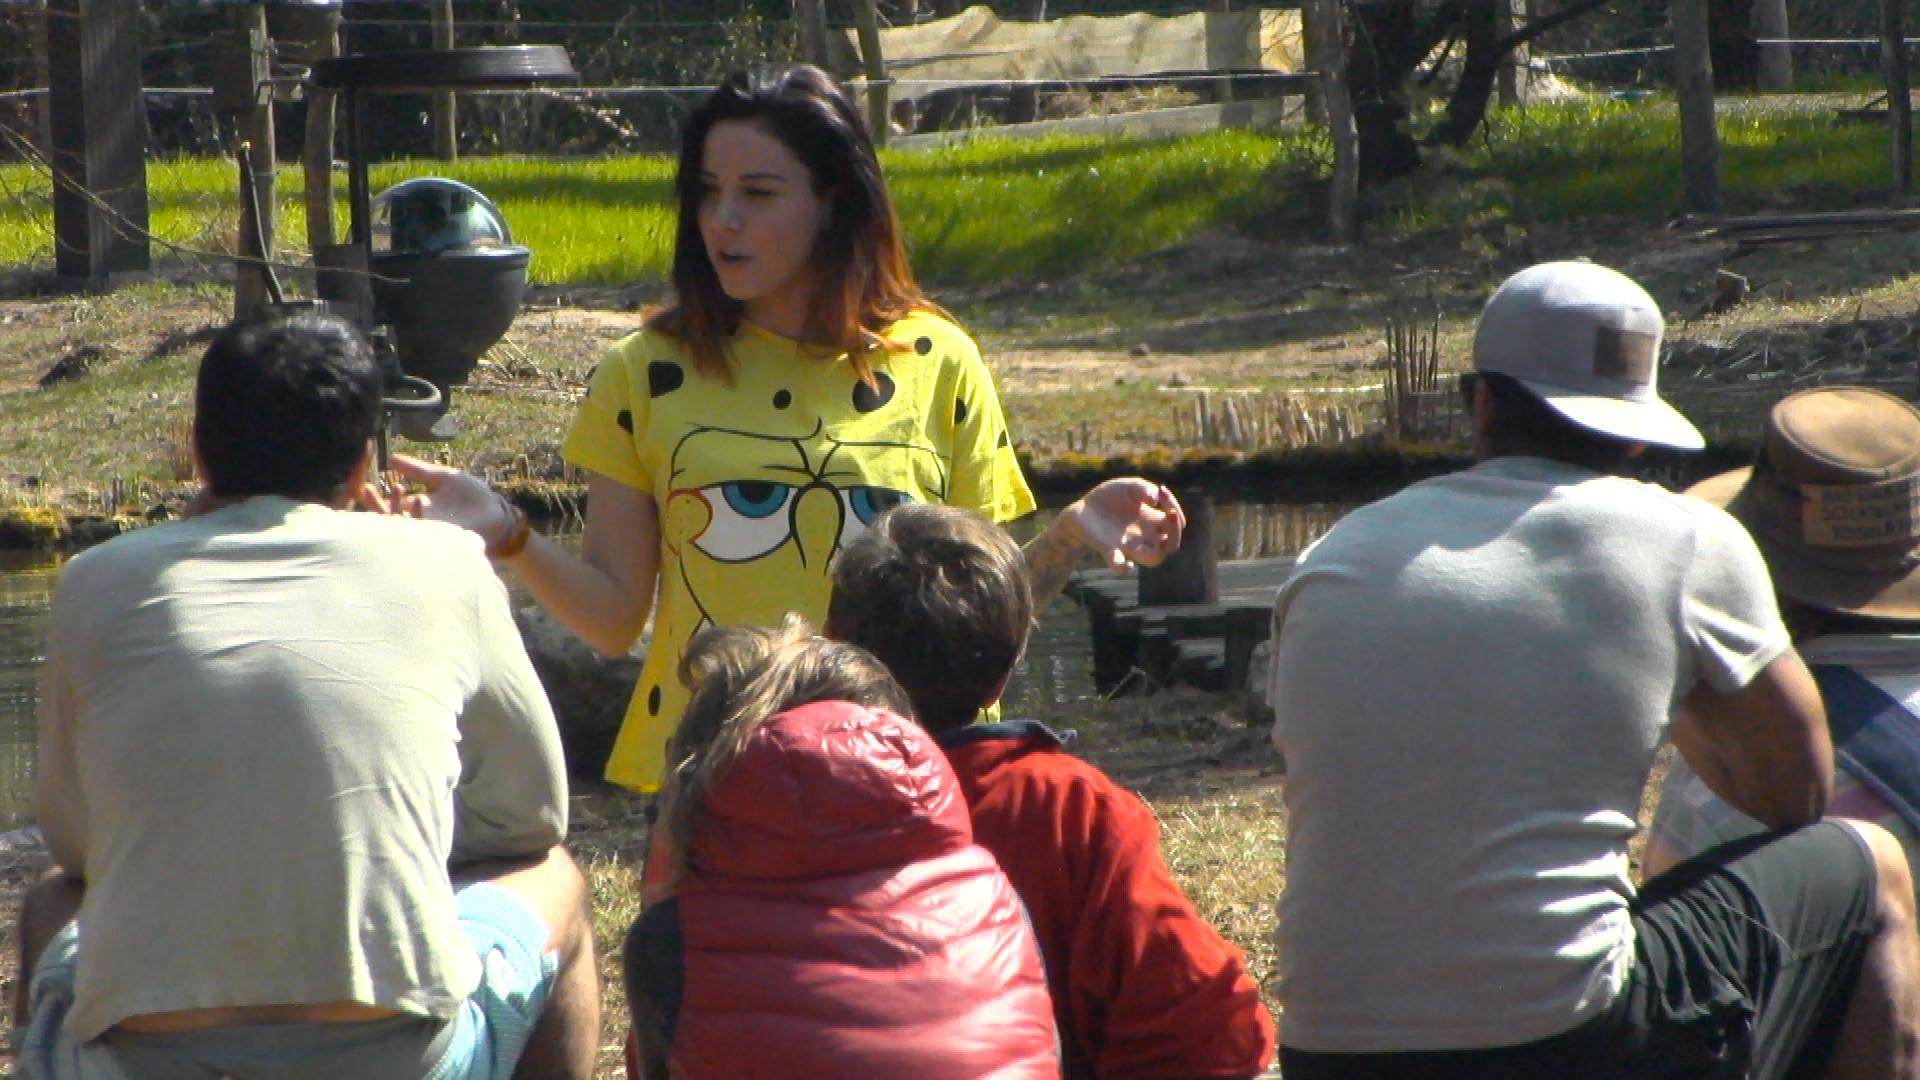 Newtopia Kate Vorstellung Folge 35 Episode 13.04.2015